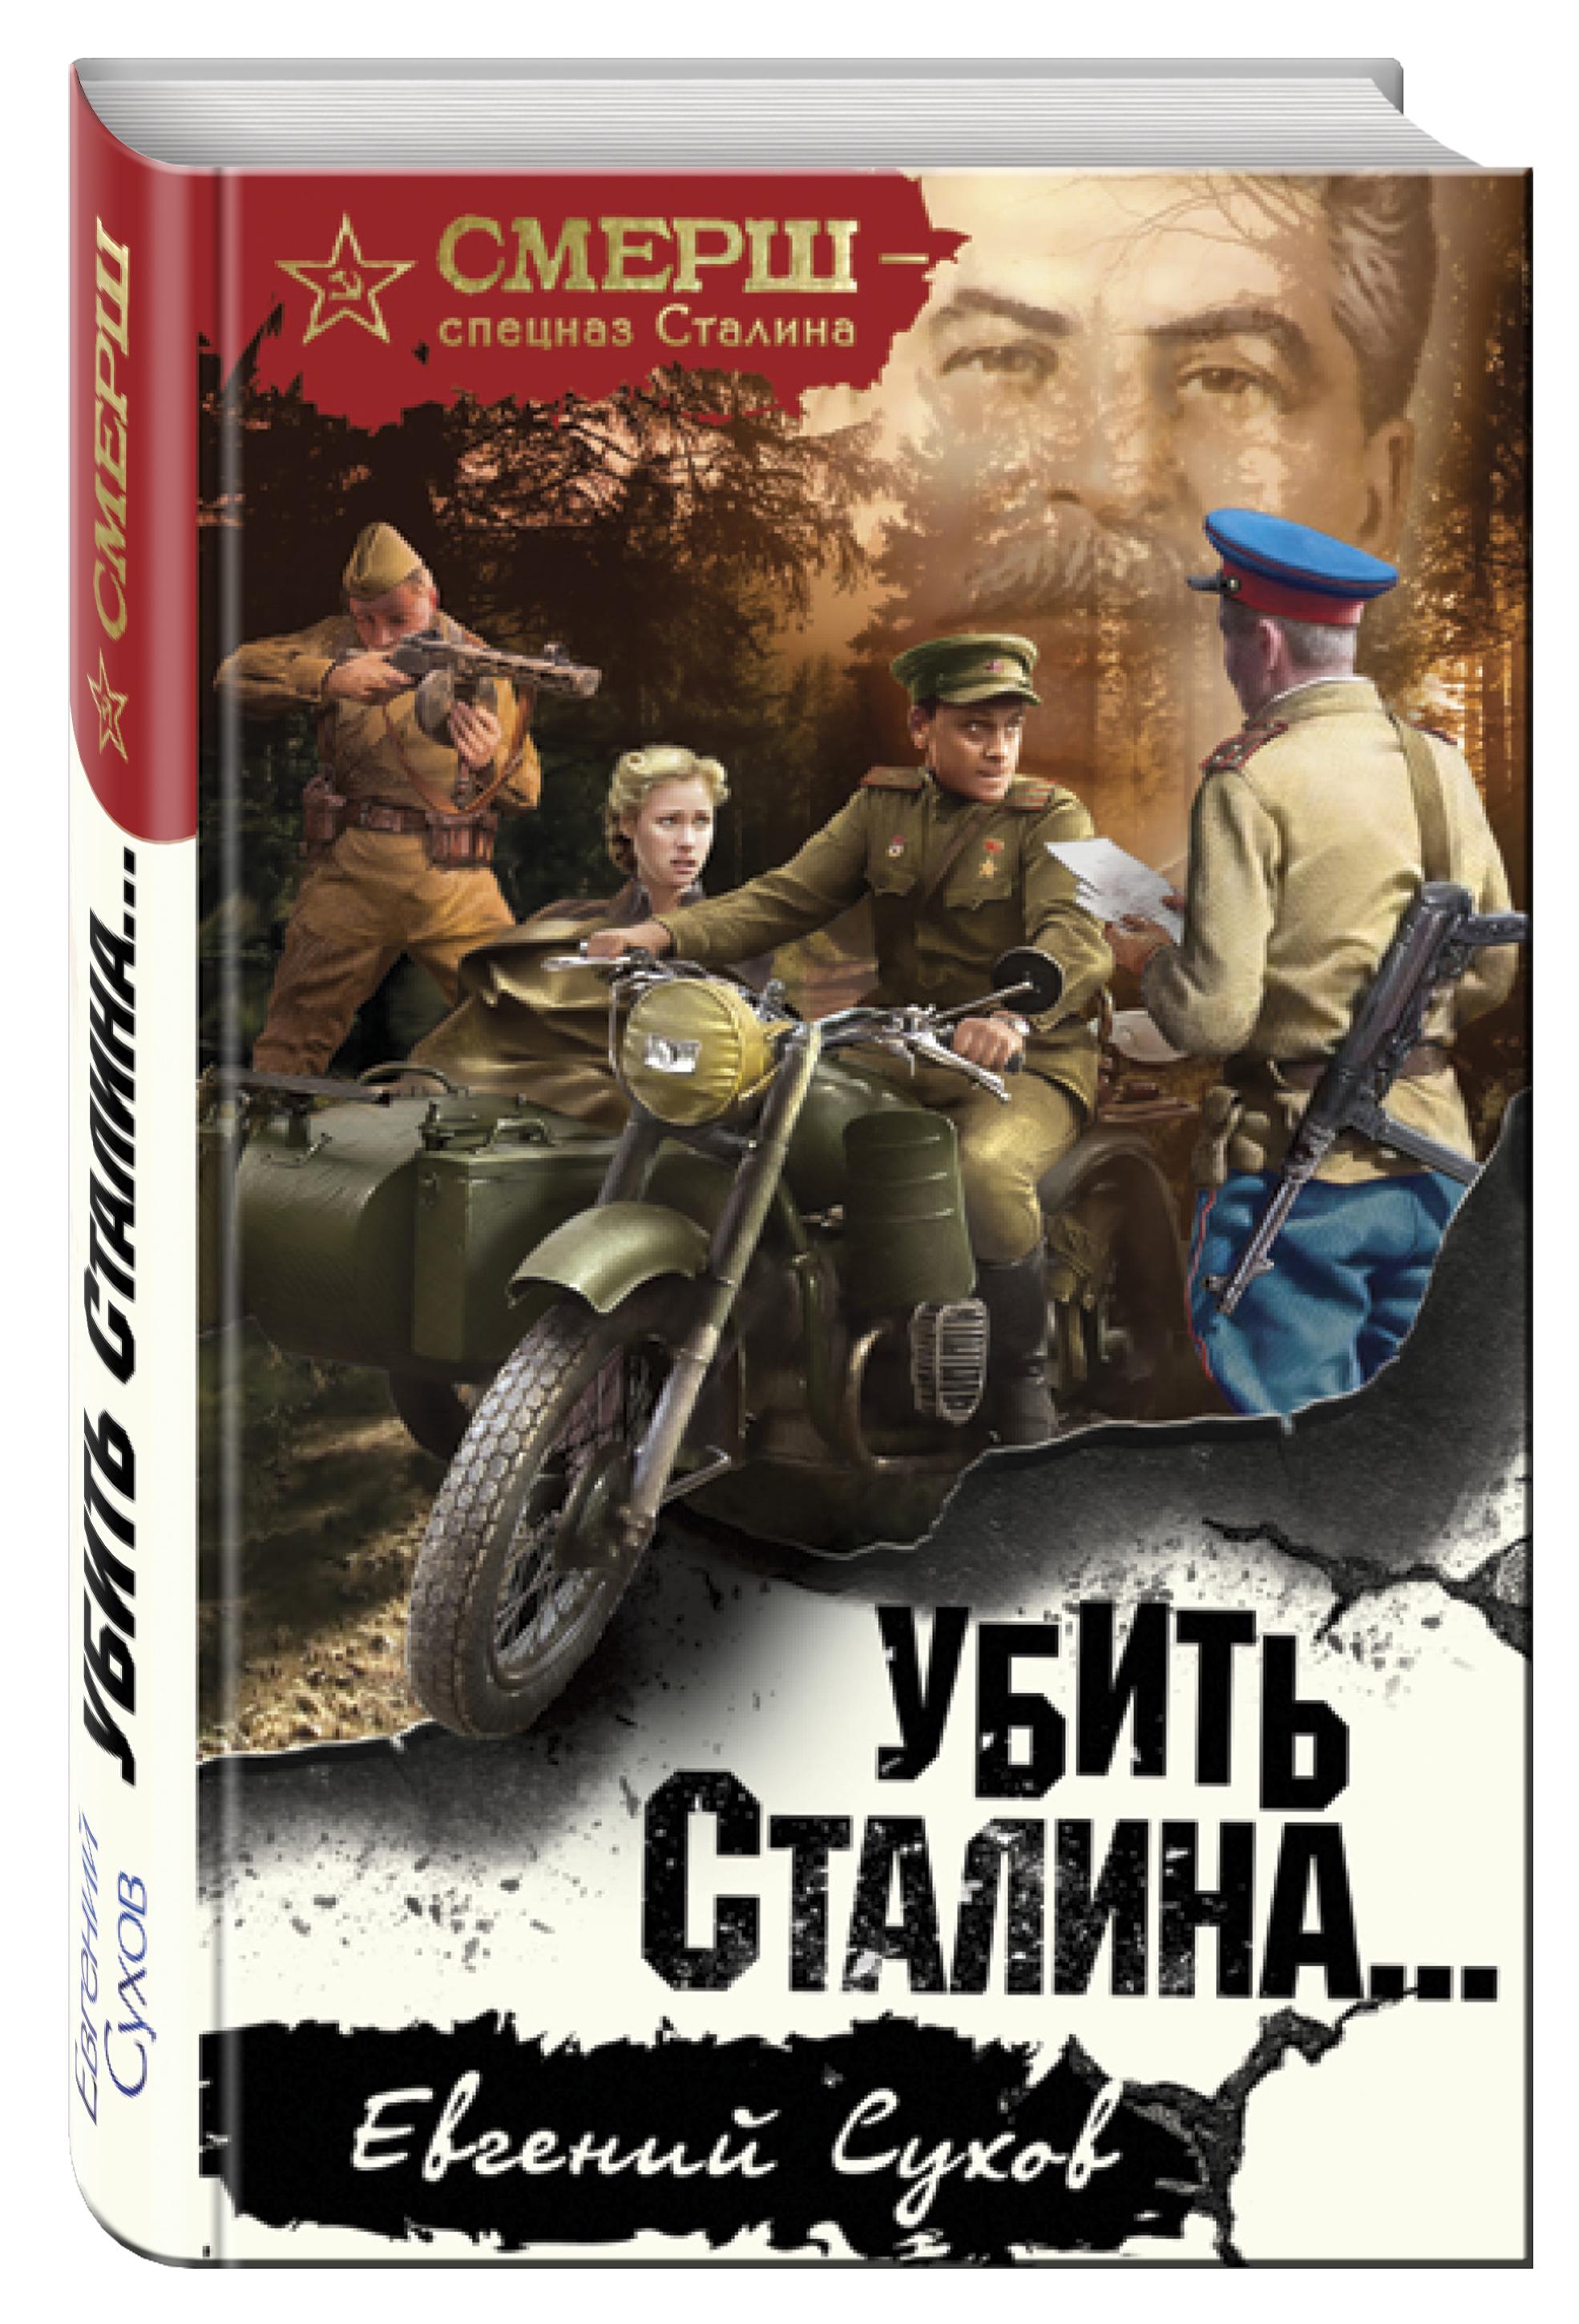 Сухов Е. Убить Сталина… сухов е камера абсурда